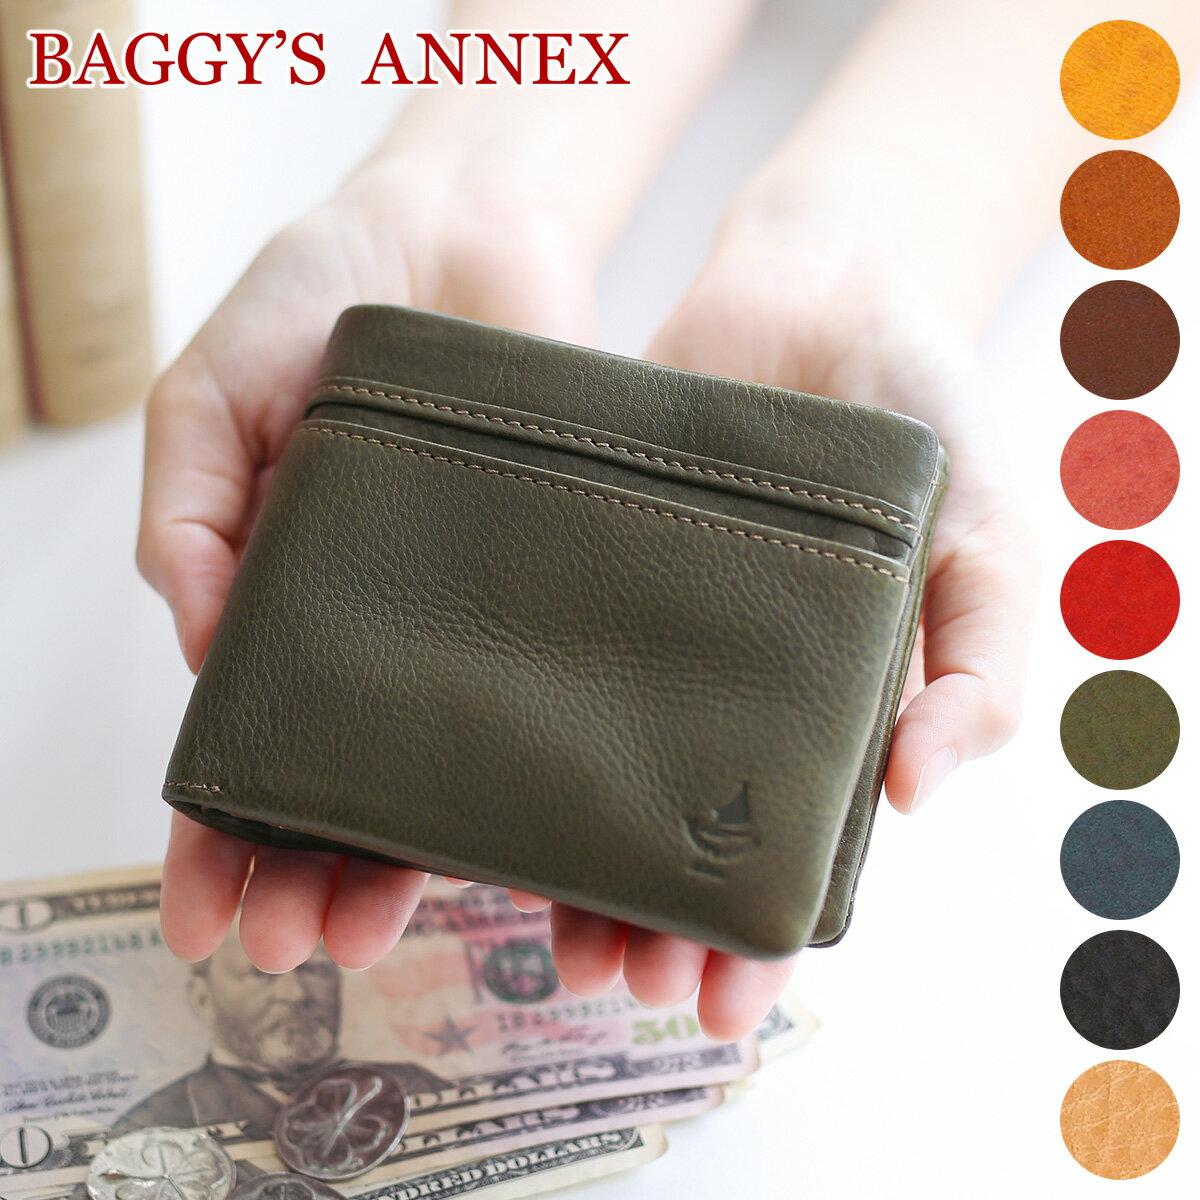 【選べるかわいいノベルティ付】 BAGGY'S ANNEX バギーズアネックス 財布 ミネルバミネルバボックス 小銭入れ付き二つ折り財布 LZYS-8001レディース 財布 二つ折り BAGGY PORT バギーポート ギフト かわいい おしゃれ プレゼント